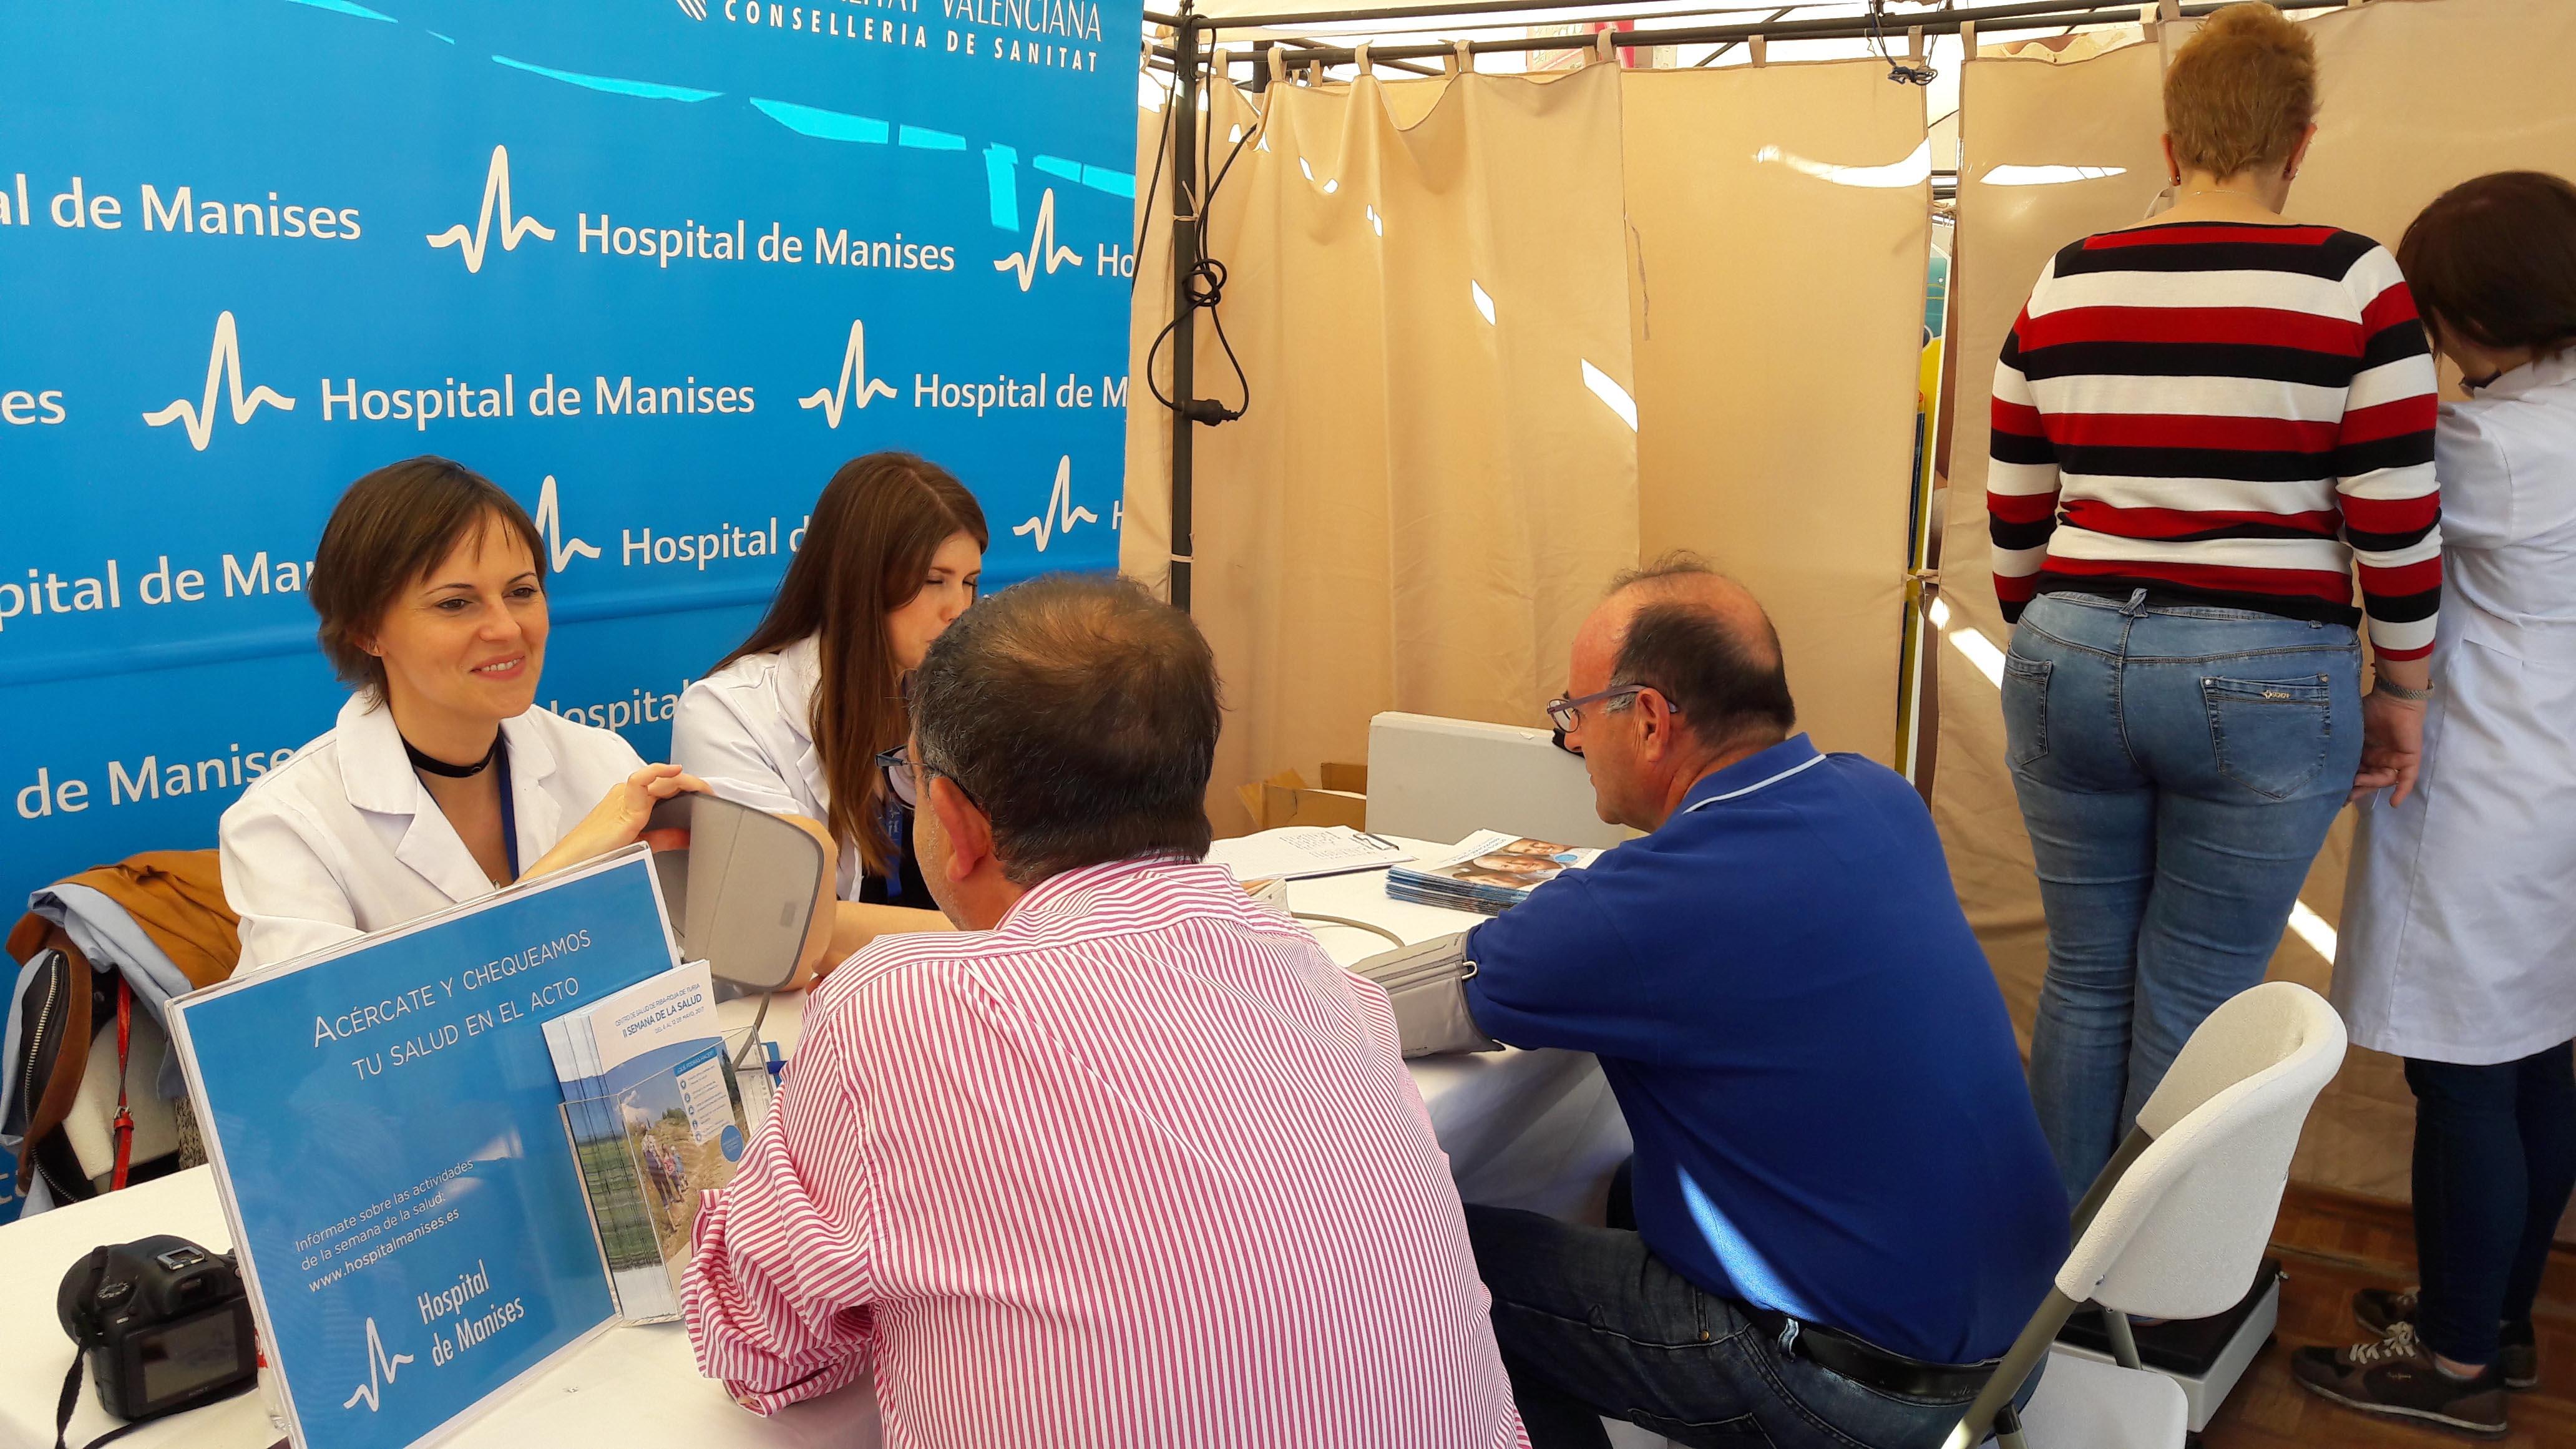 La Semana de la Salud se iniciará este sábado 5 de mayo con la realización de pruebas médicas coincidiendo con la Feria de Comercio de la localidad.